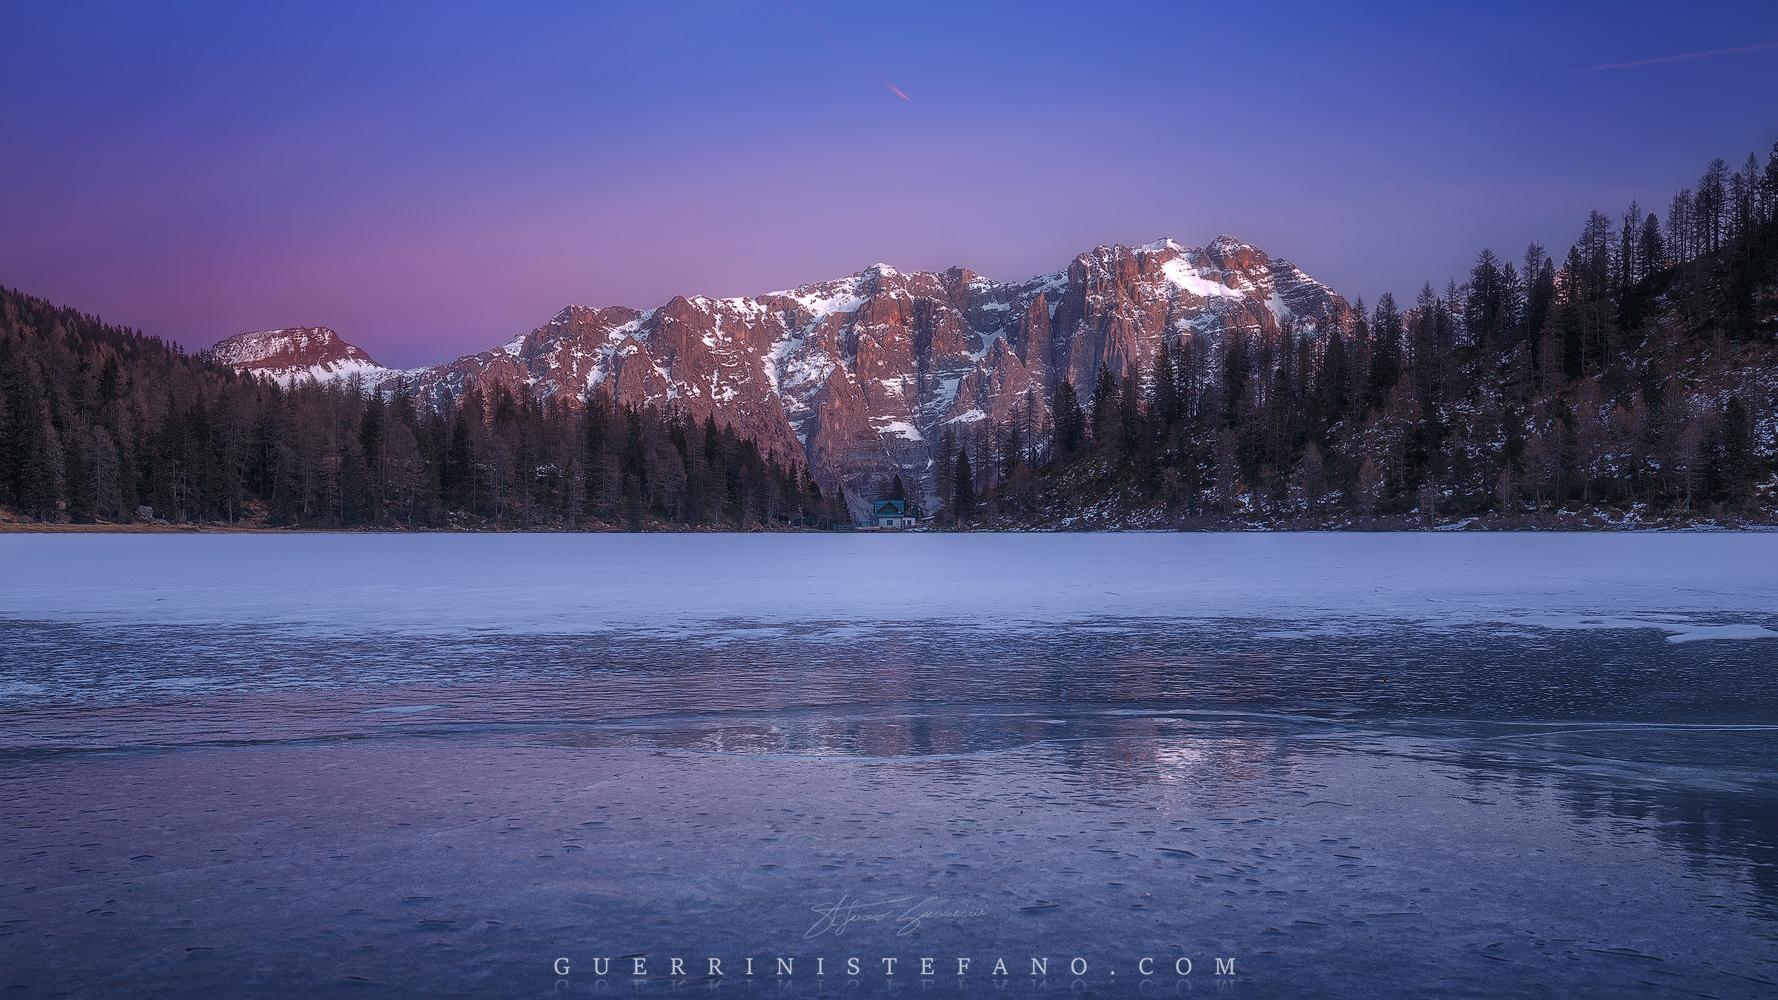 lago-malghette-dopo-tramonto-rid-1000-by-guerrini-stefano